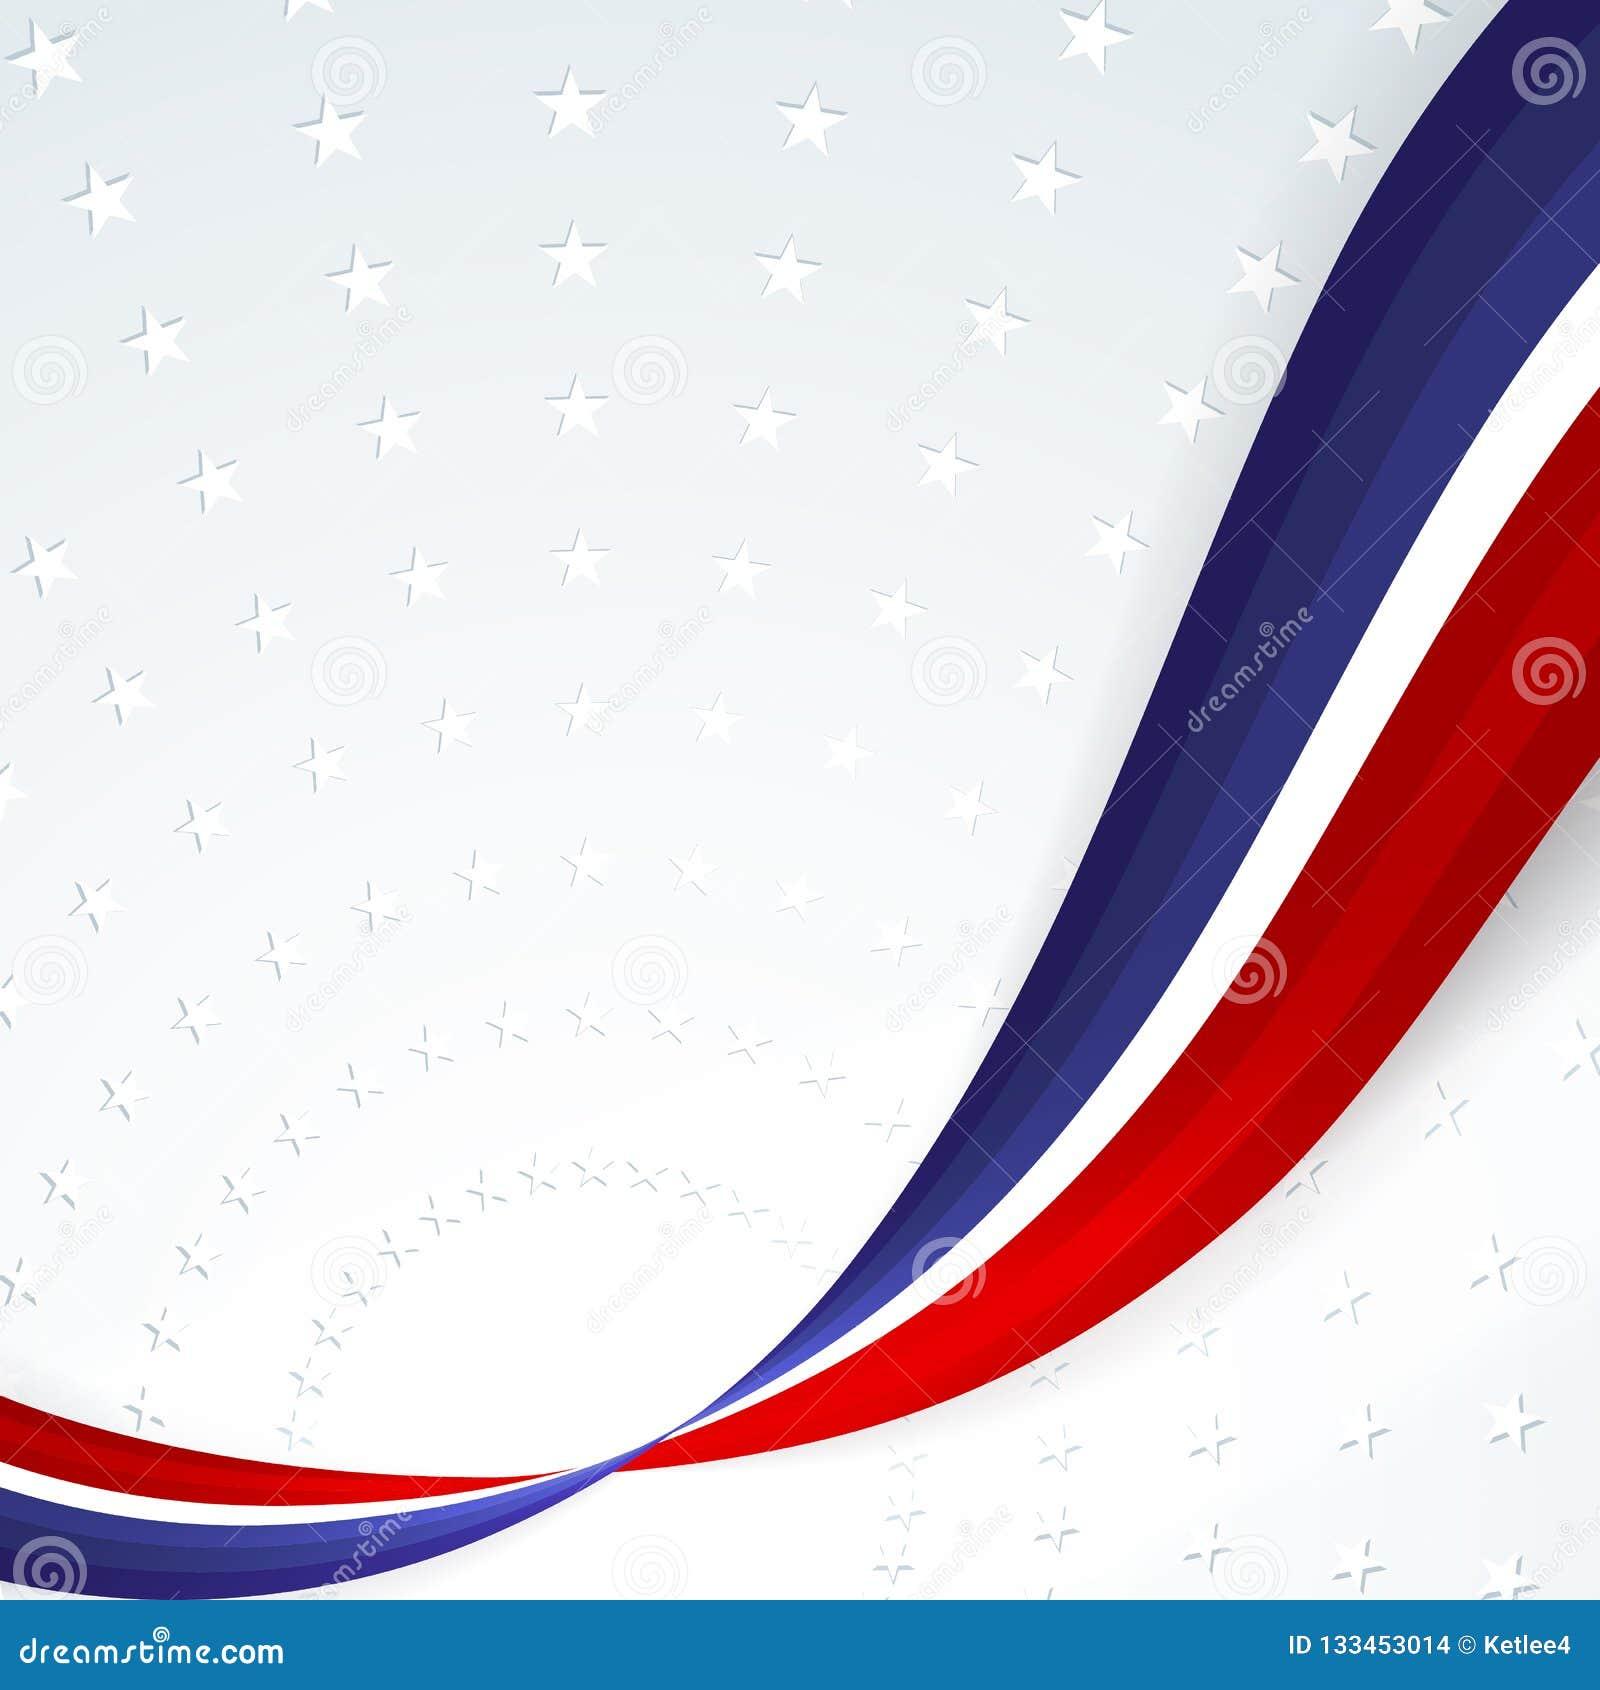 Fundo patriótico das cores da bandeira nacional de linhas onduladas abstratas lisas dos EUA no fundo do teste padrão das estrelas